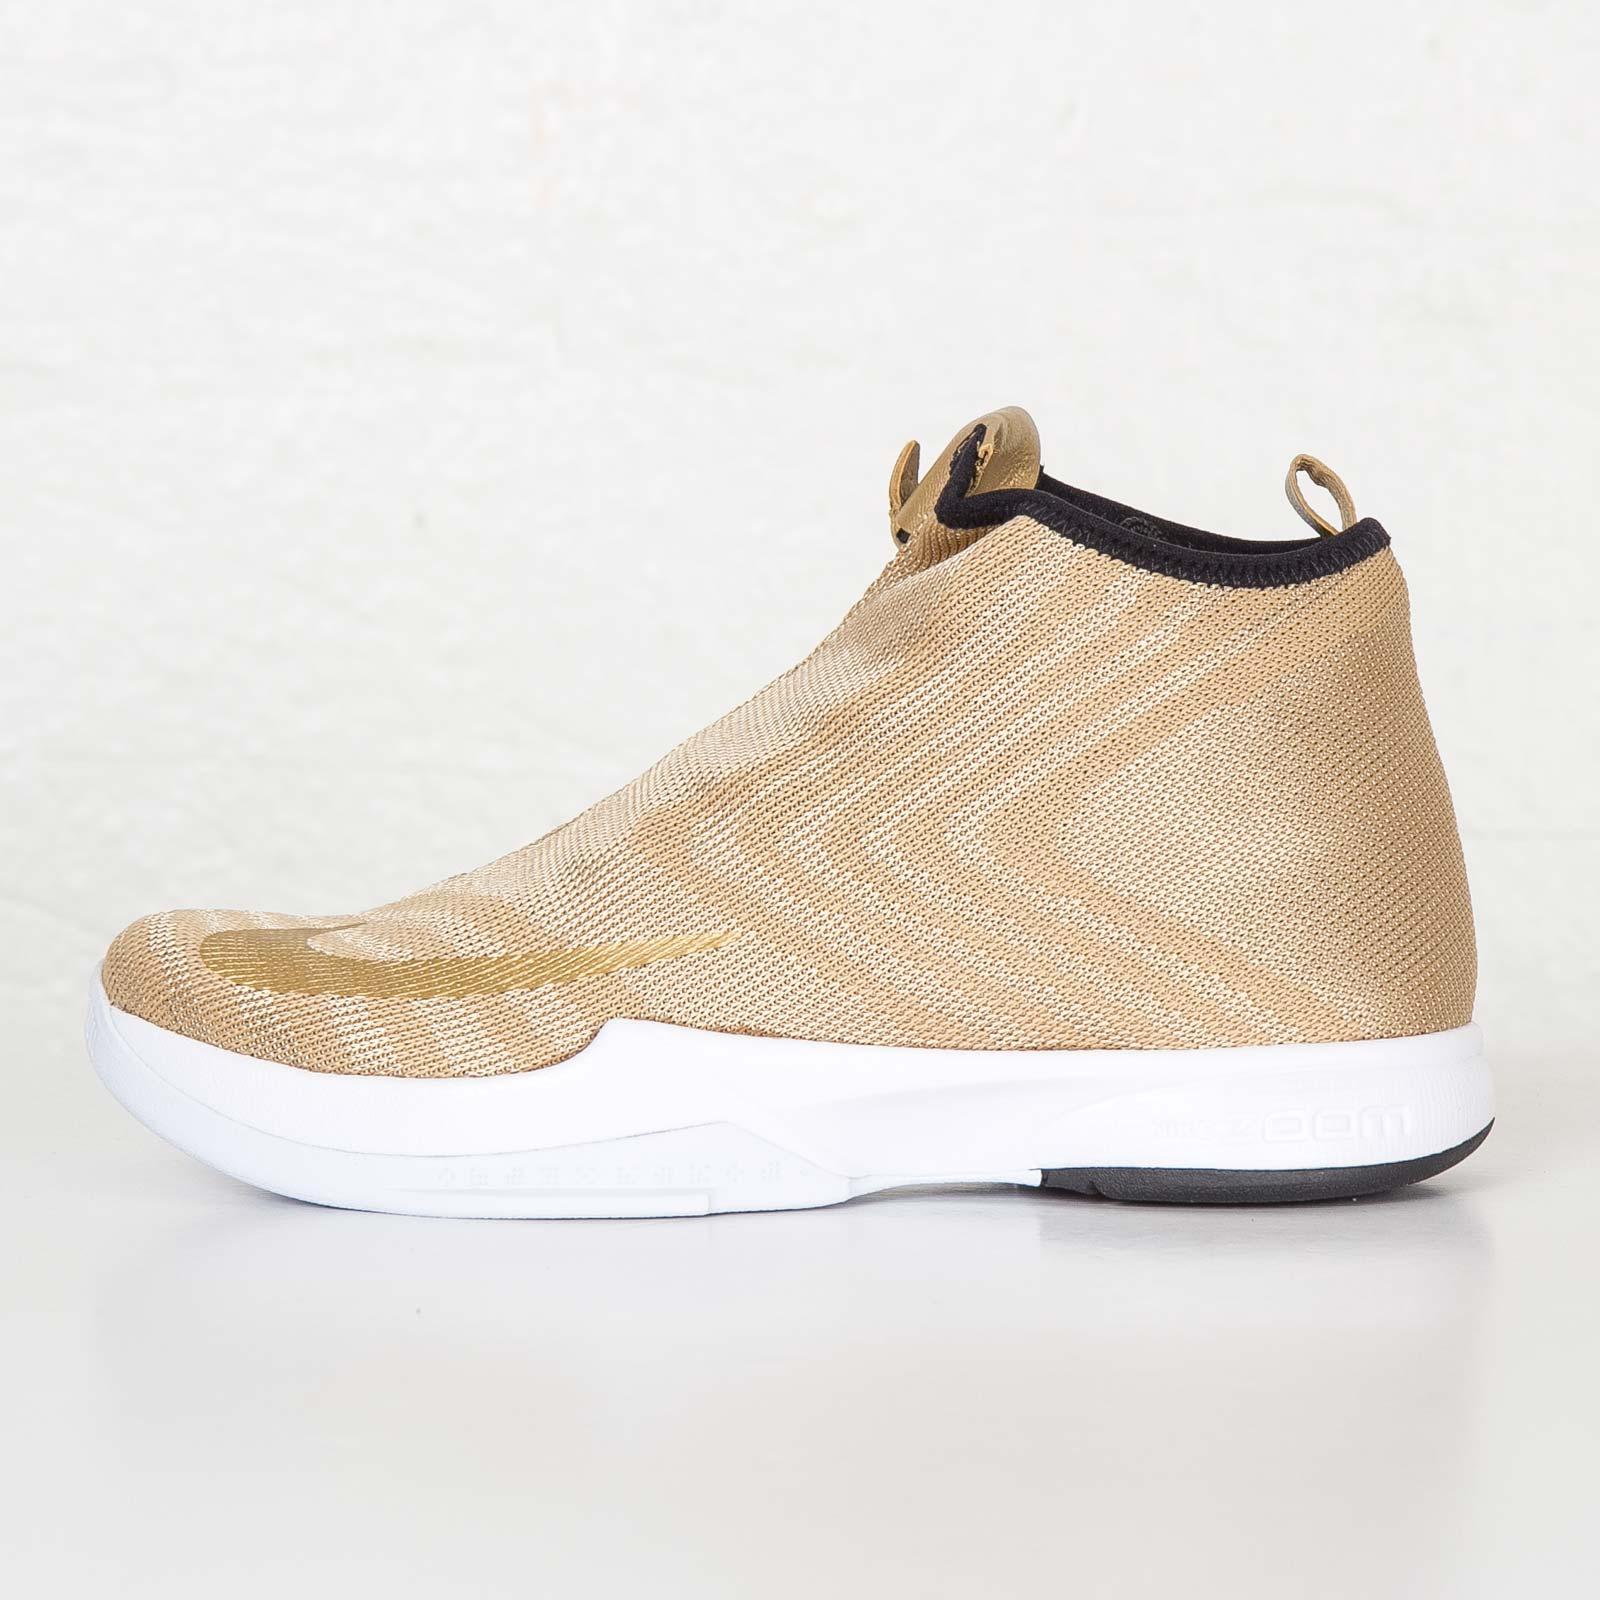 hot sale online 73cbb d0b22 Nike Zoom Kobe Icon JCRD - 819858-700 - Sneakersnstuff   sneakers    streetwear online since 1999